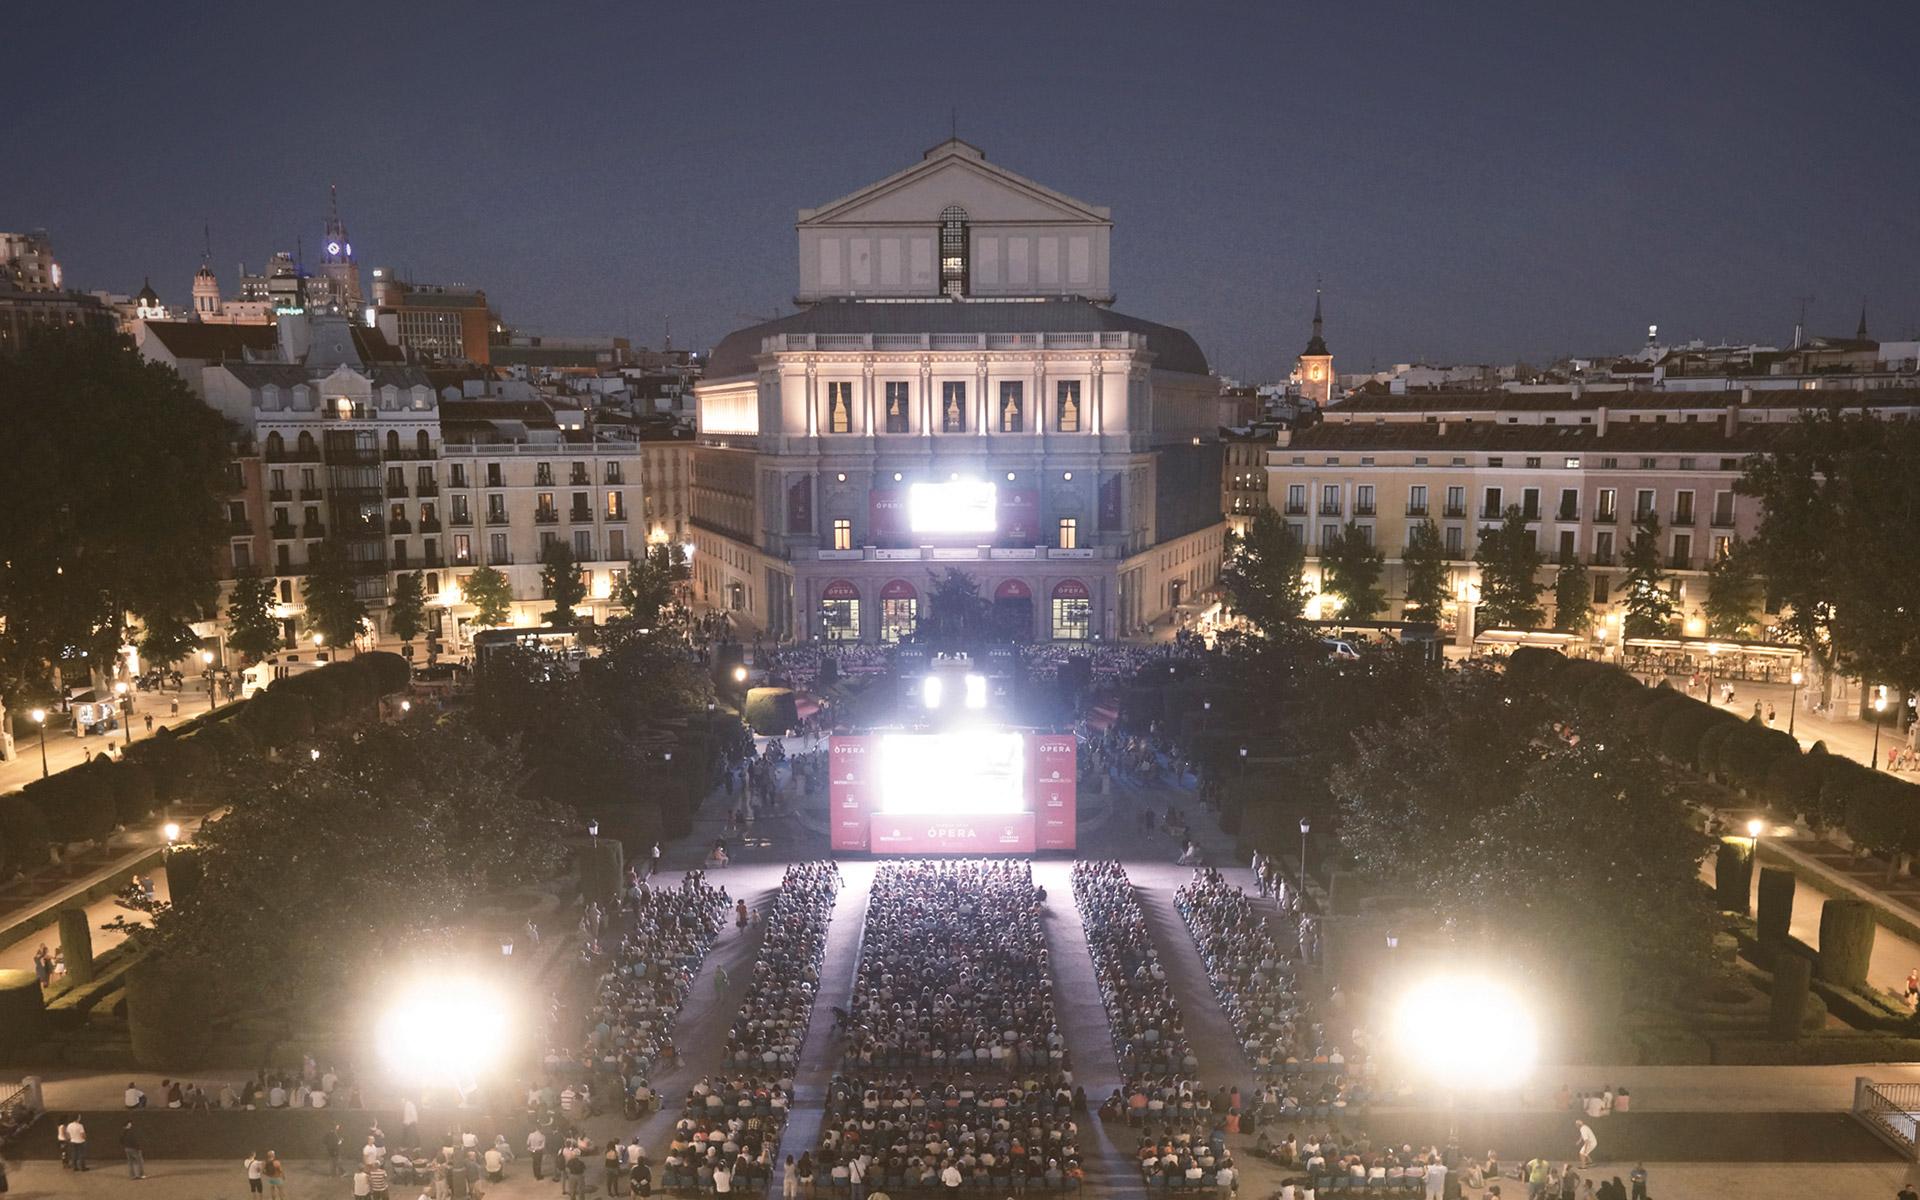 El Teatro Real retransmite la Novena de Beethoven con Dudamel y Tosca al aire libre